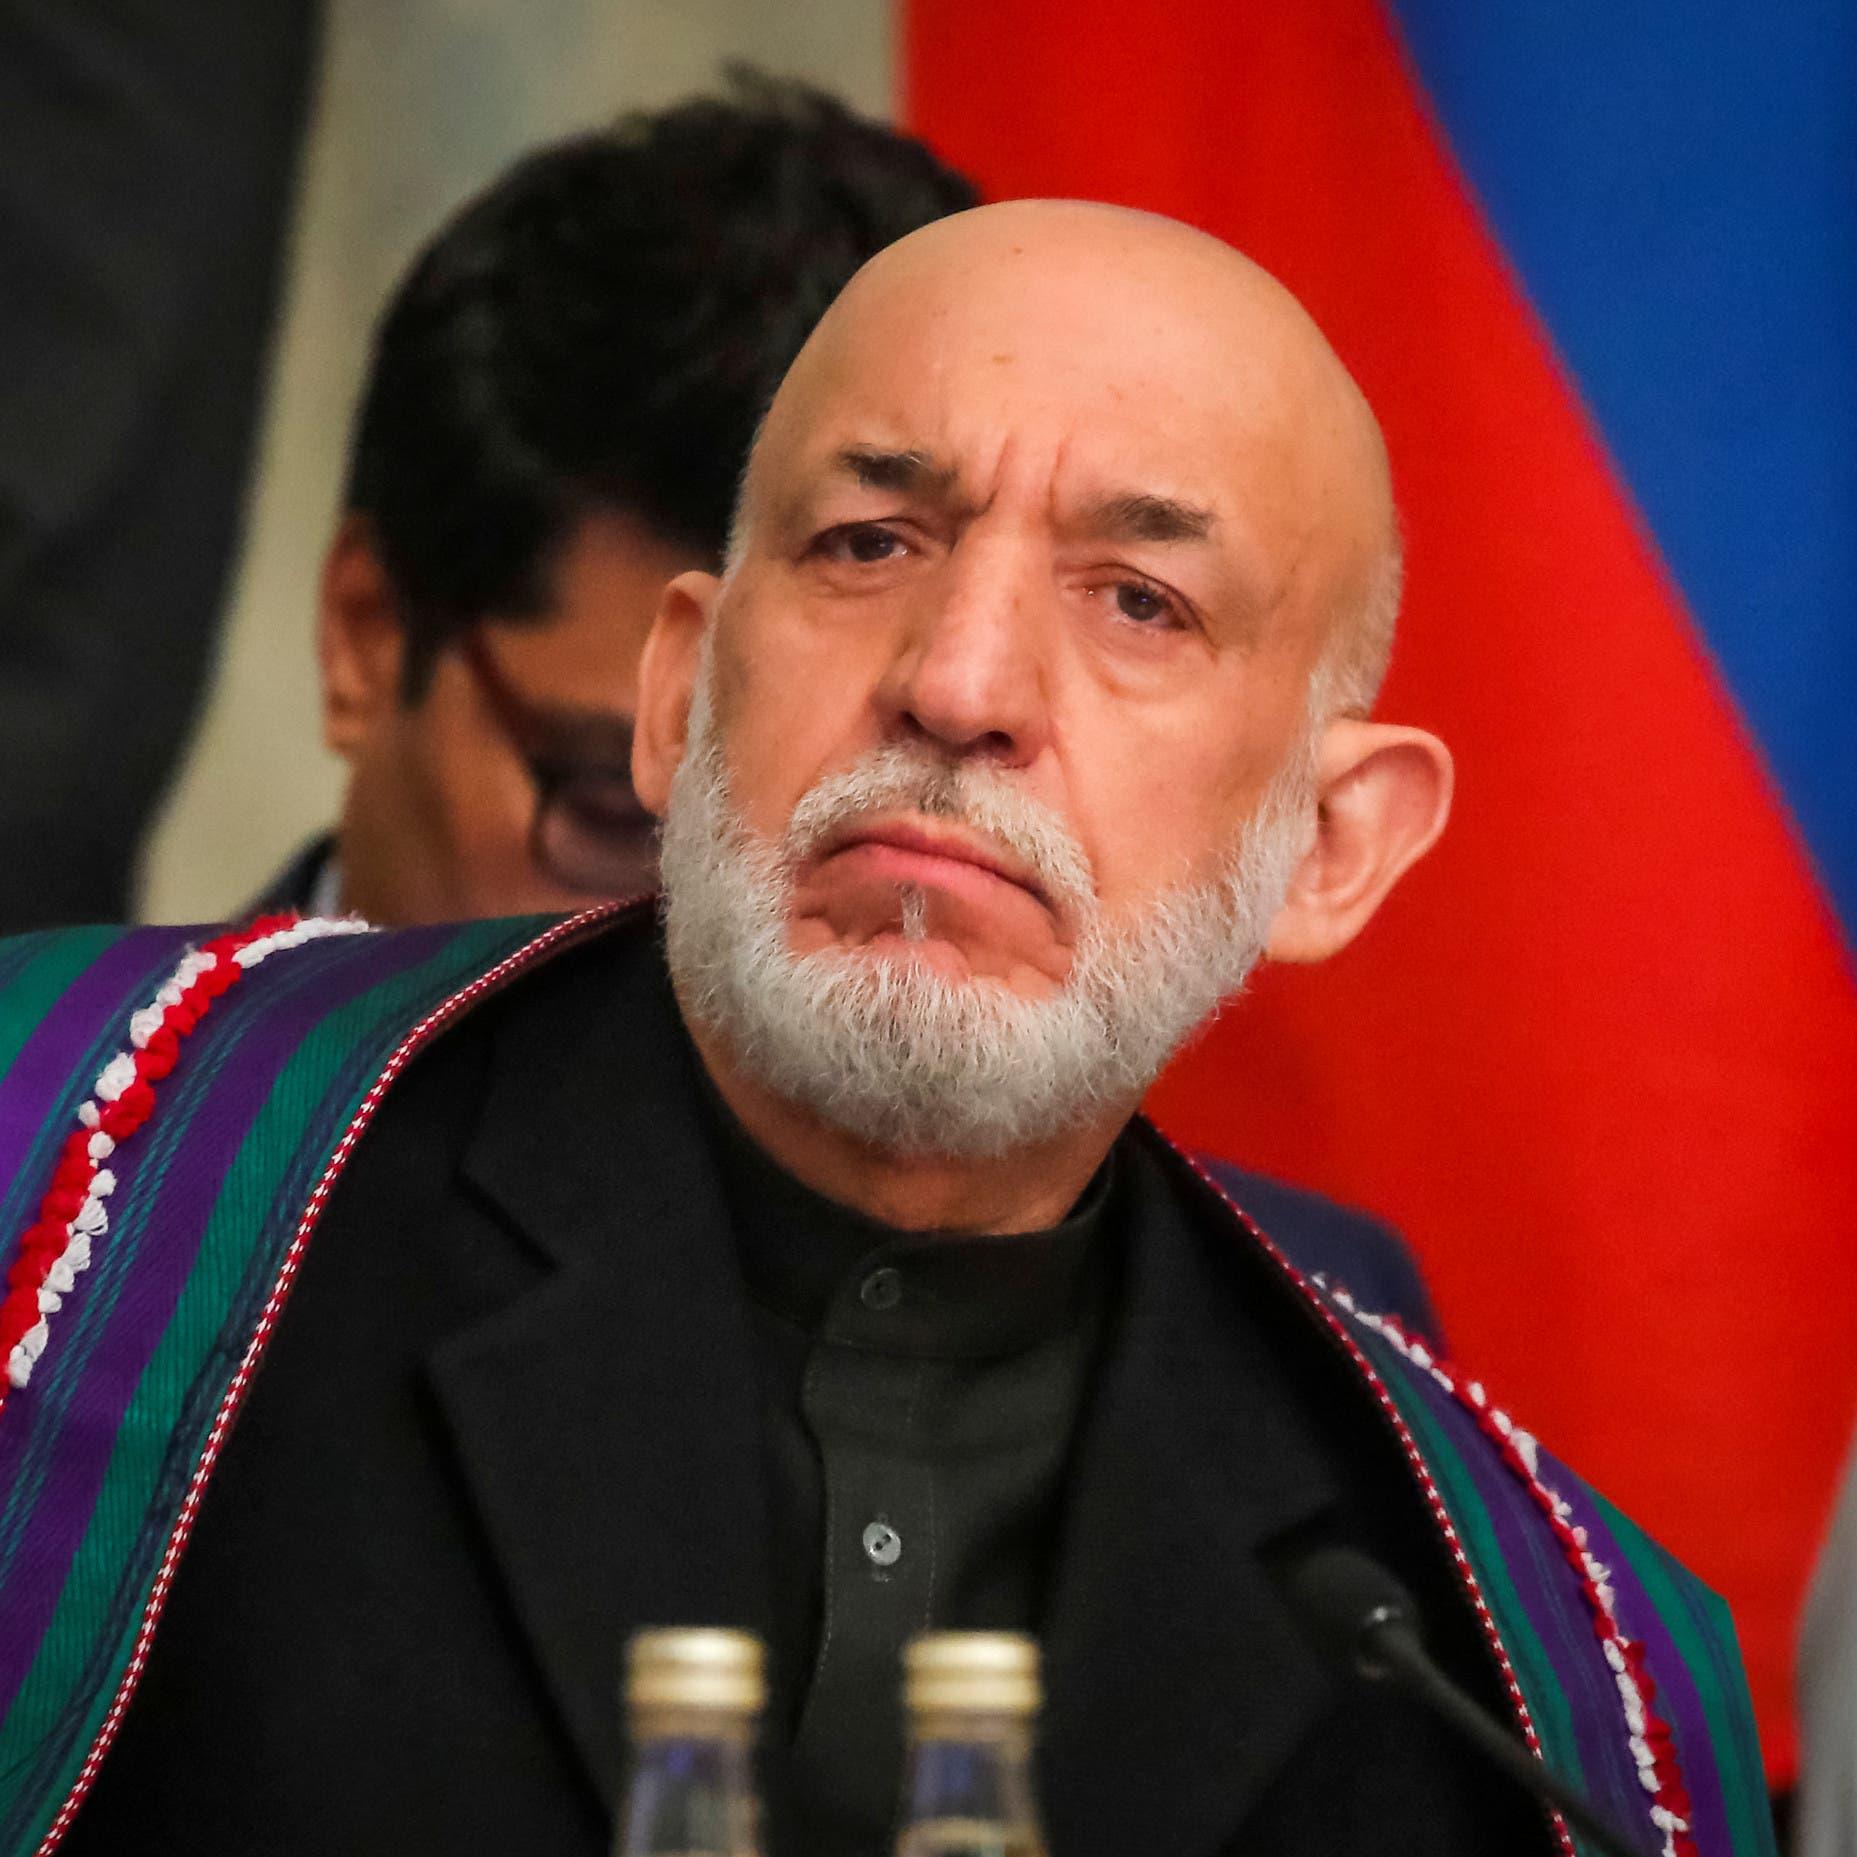 رئيس أفغانستان السابق: واشنطن ستترك خلفها كارثة